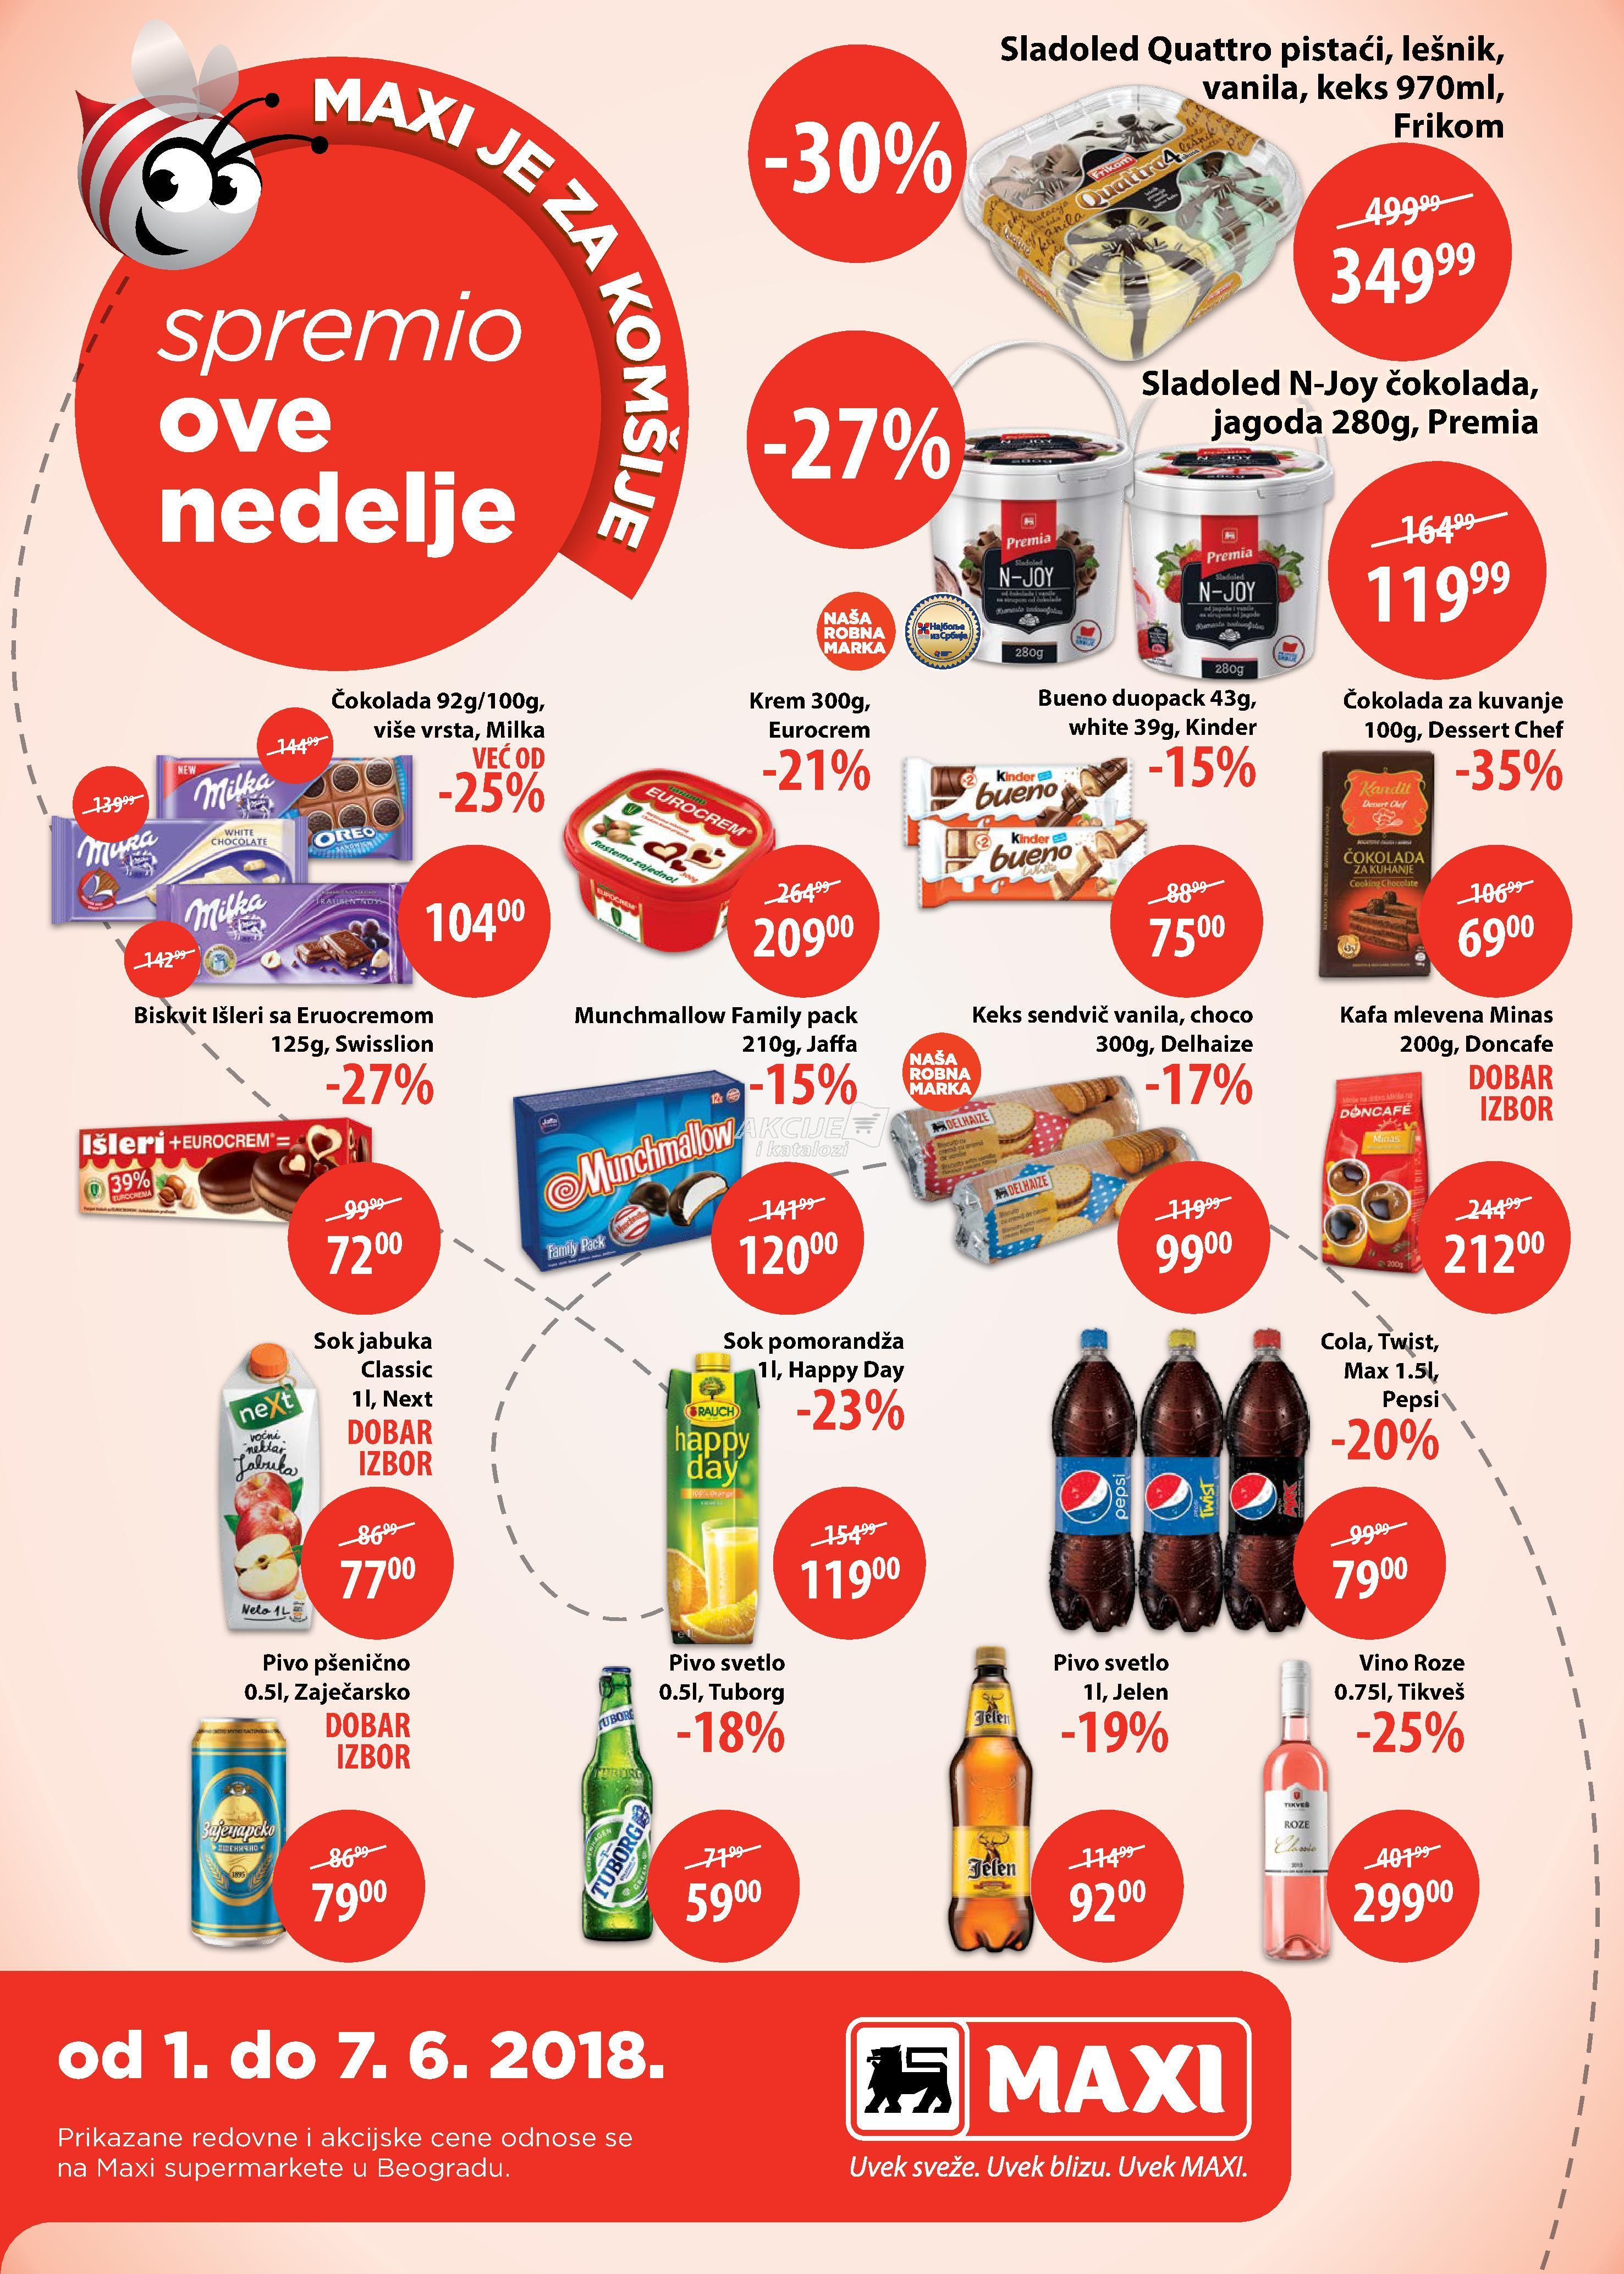 Maxi akcija nedeljne kupovine